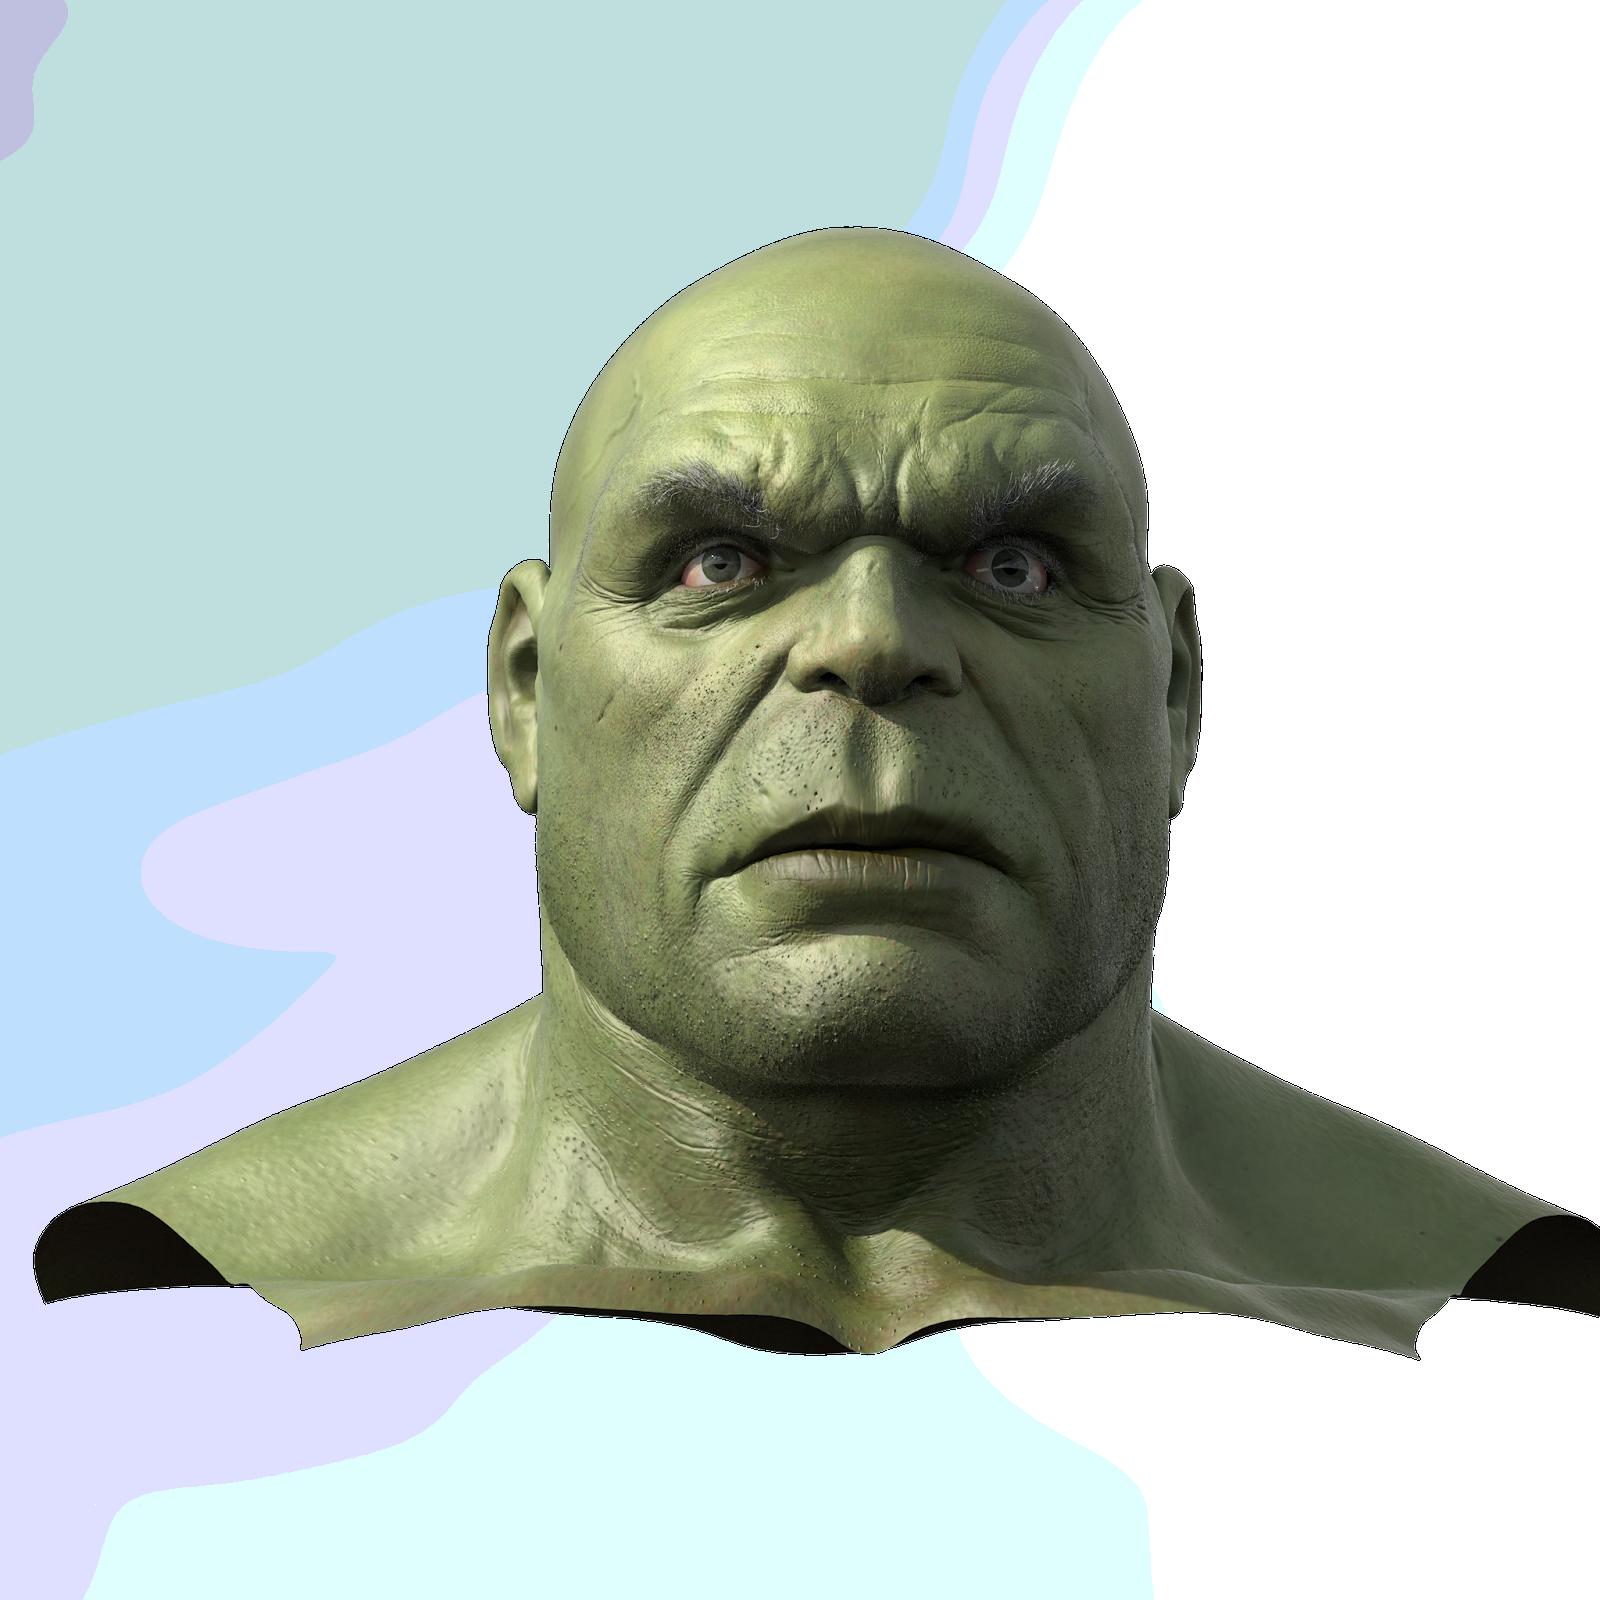 Khitans Anatomy Blog Hulk 2013